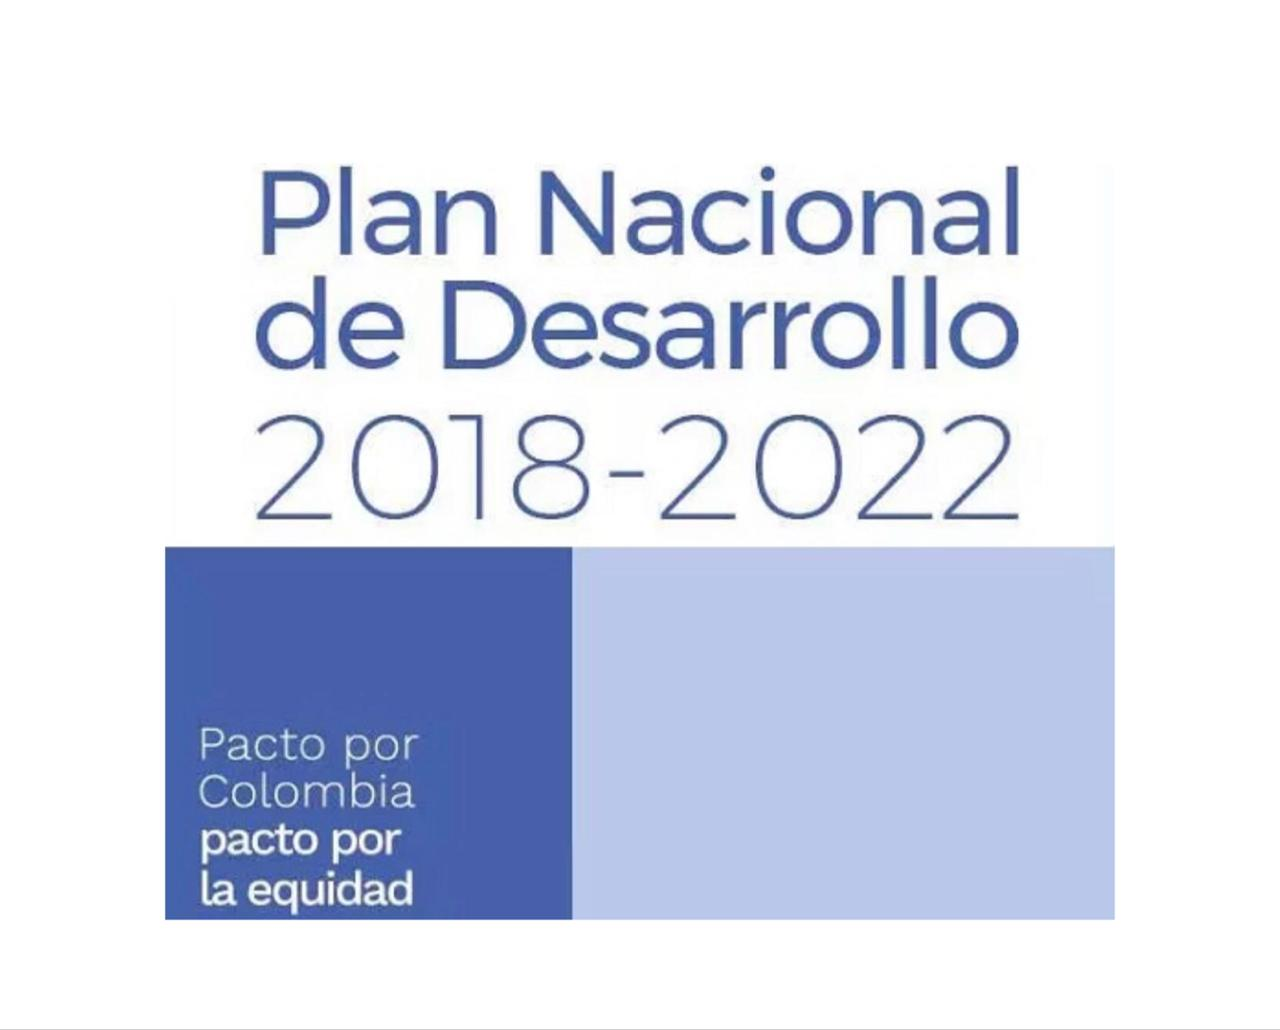 Congresista Lorduy comparte los textos definitivos Plan Nacional de Desarrollo 3